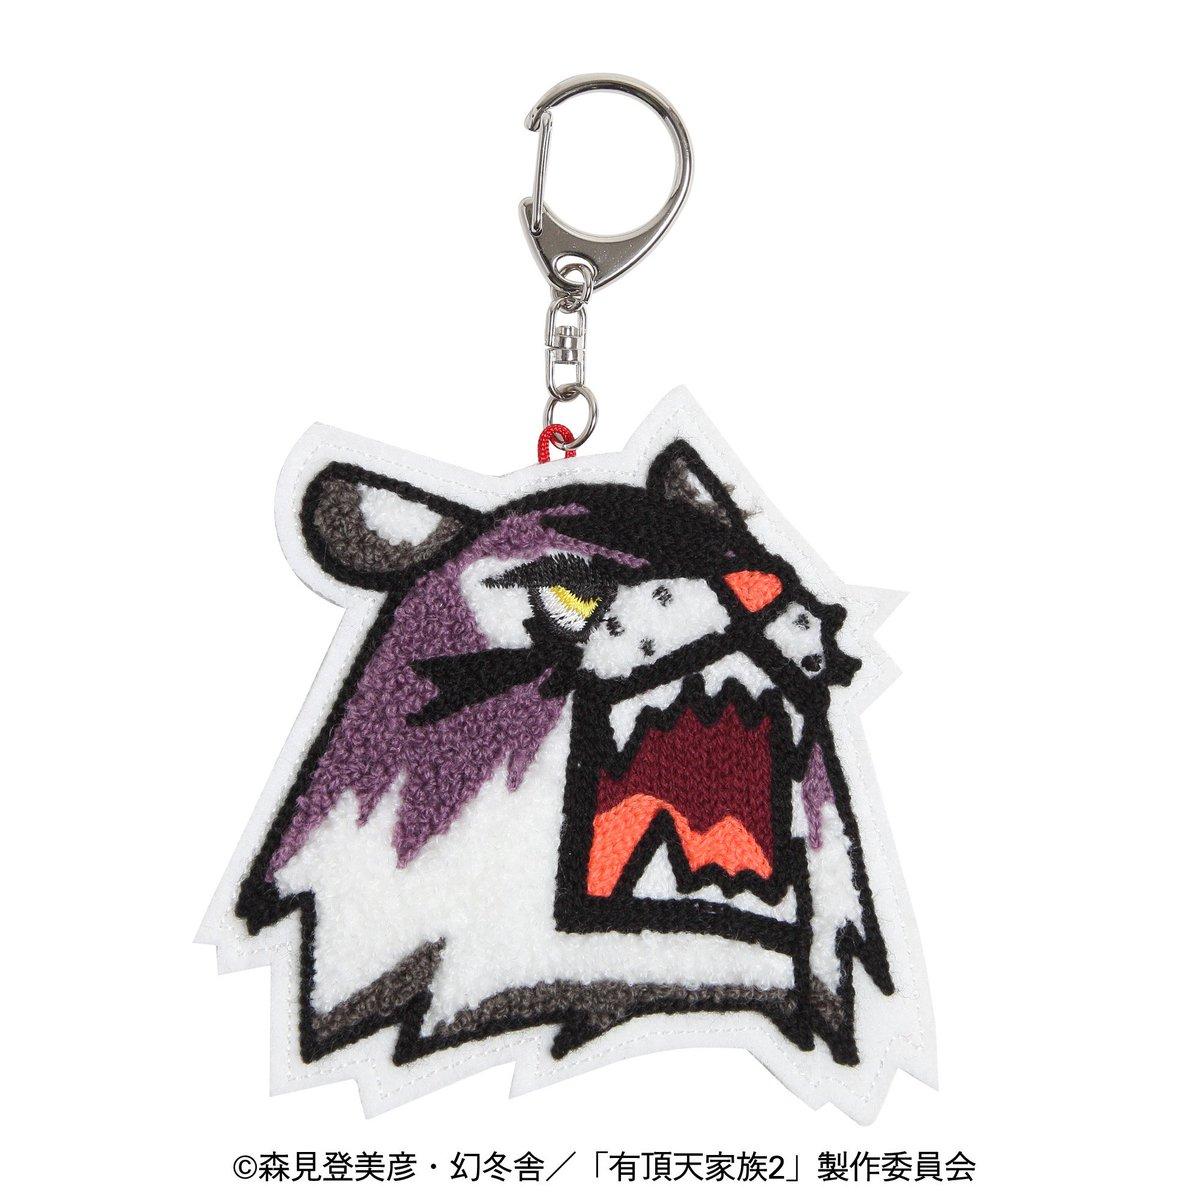 有頂天家族2と京東都がコラボしたバッグチャーム&さがらワッペンは、9月20日より京東都本店でも販売しておりますよー!